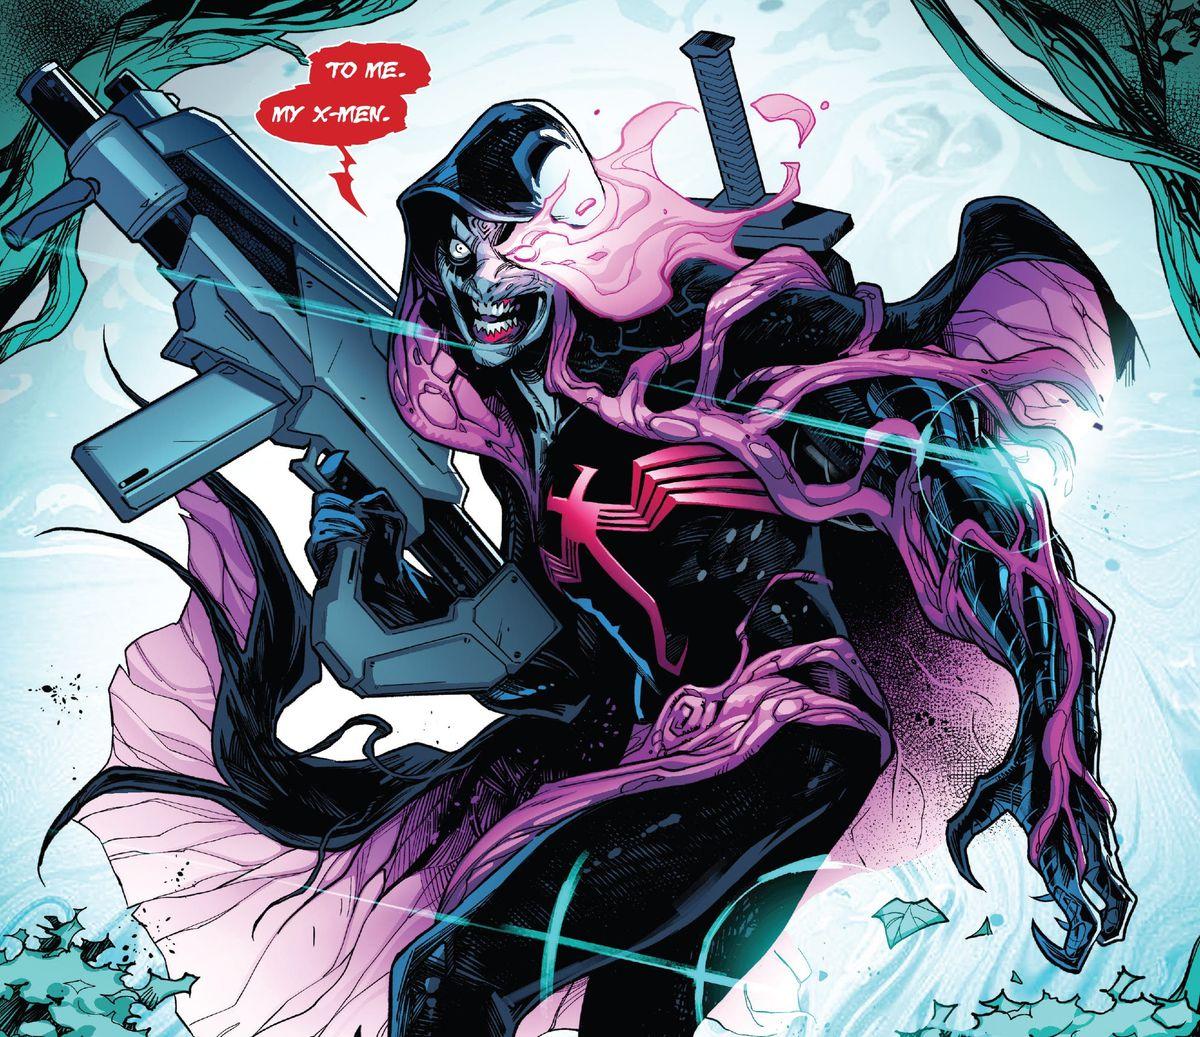 Cable pasa a través de una puerta K, después de ser absorbido por un simbionte de Knull, cubierto con una versión venenosa de su disfraz con capucha, portando una espada y un arma enorme, en ESPADA # 2, Marvel Comics (2021).